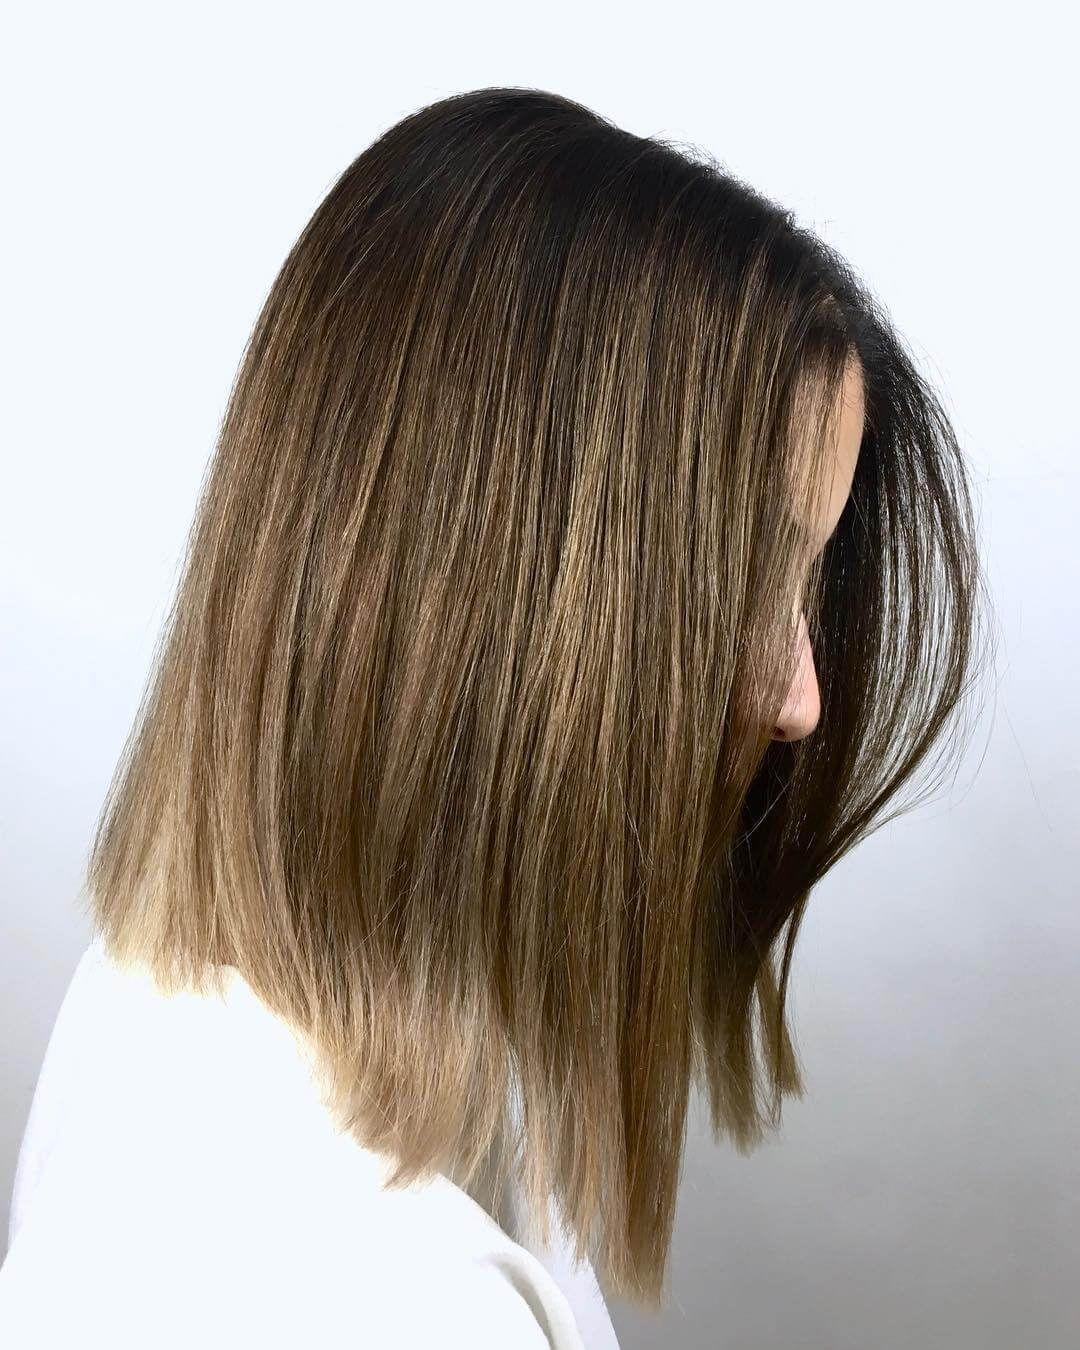 10 mittlere Frisuren für dickes Haar Frauen in 10  Frisur dicke